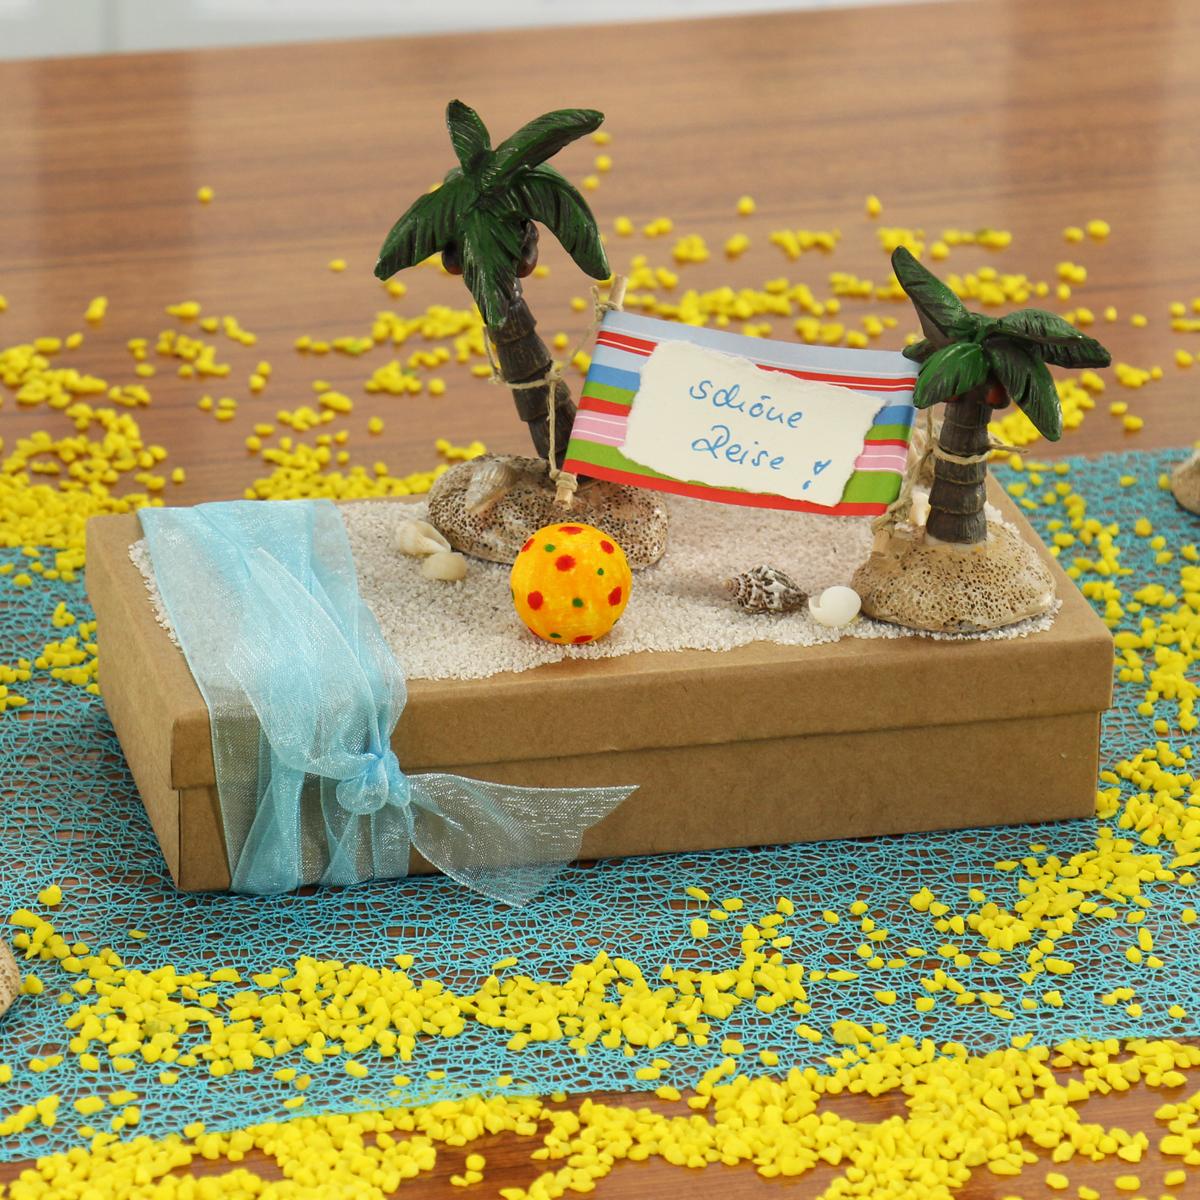 Wunderbar Geschenke Basteln Mit Kindern Bastelideen Beste Wahl Geldgeschenke Selber